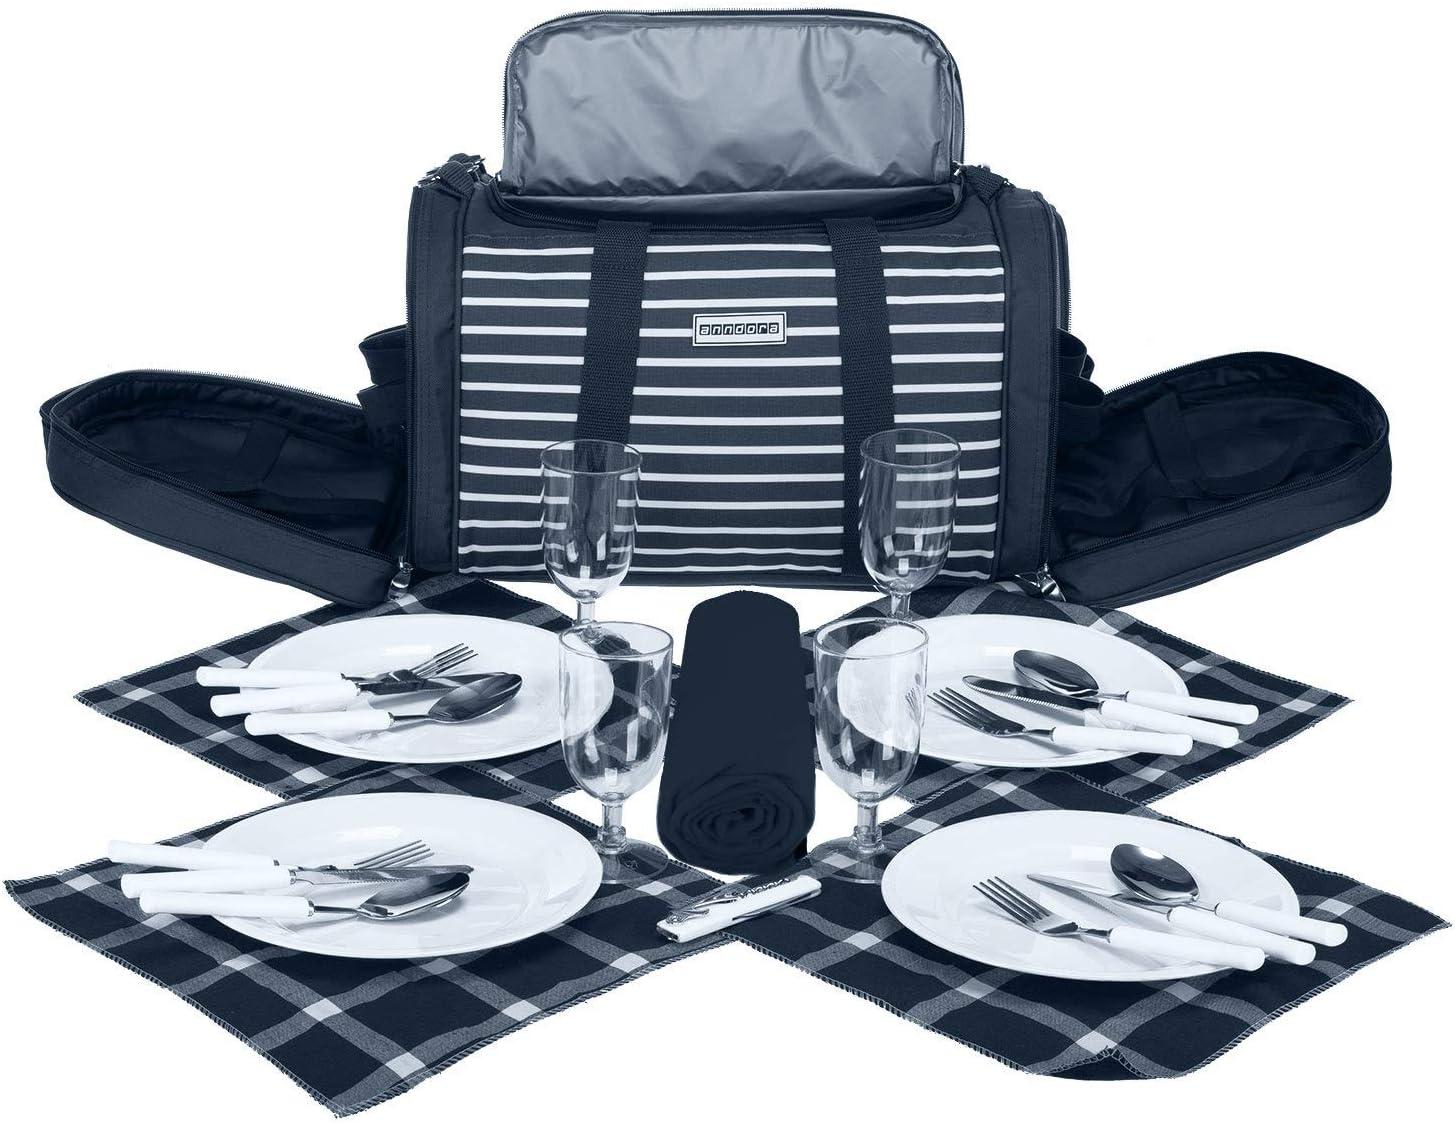 Picknick Decke Geschirr Besteck f/ür 4 Personen braun hellblau anndora Picknick K/ühltasche inkl